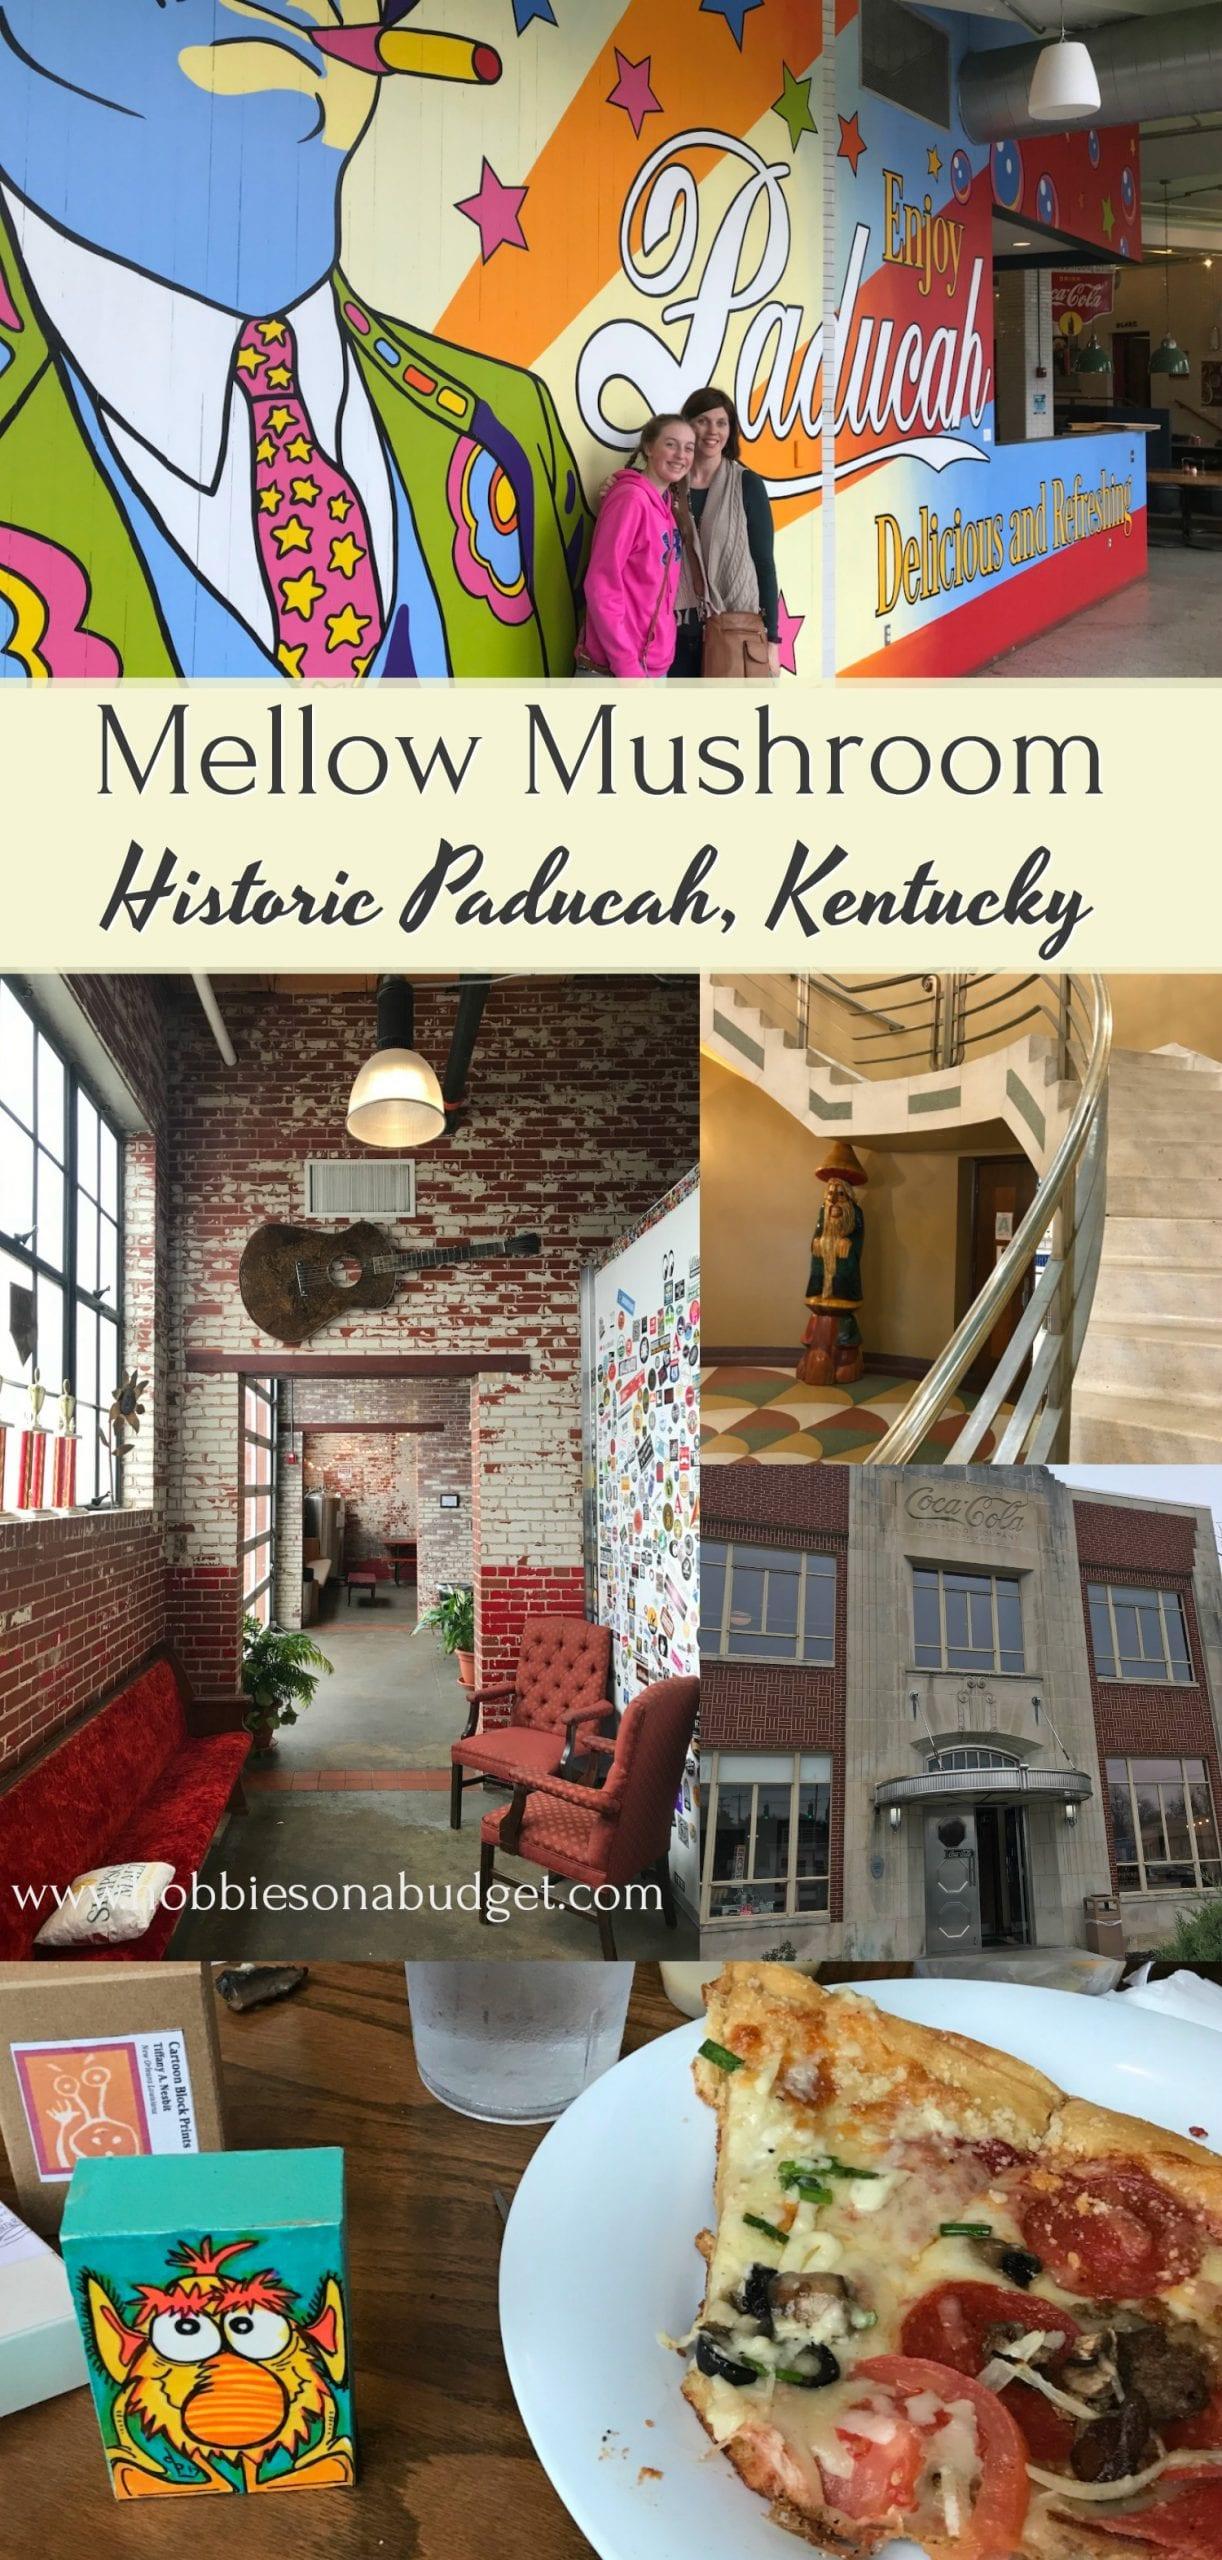 Mellow Mushroom Historic Paducah